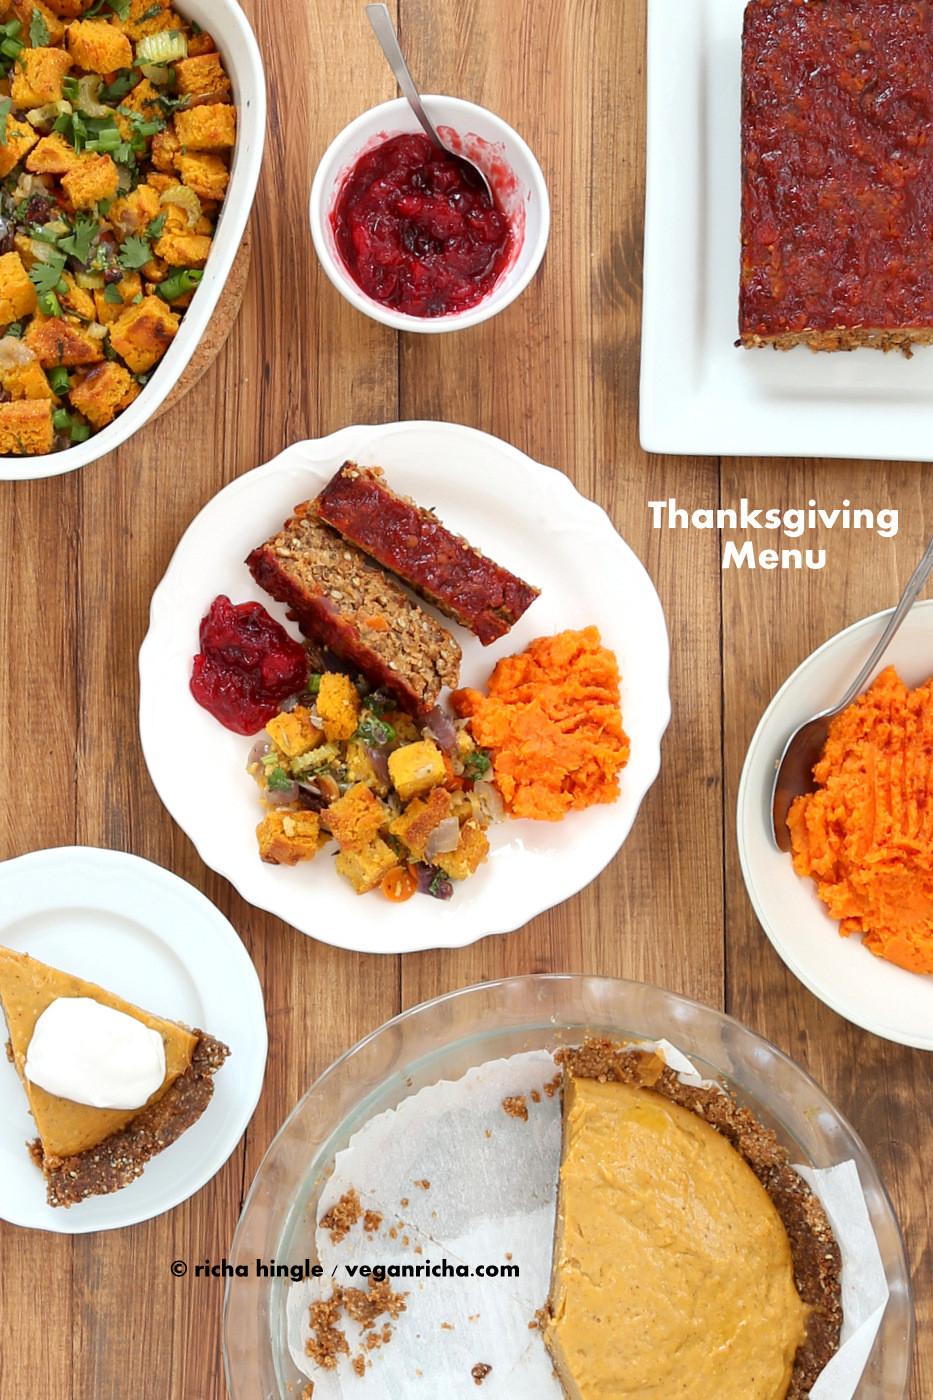 Vegan Thanksgiving Recipe  80 Vegan Thanksgiving Recipes 2014 Vegan Richa